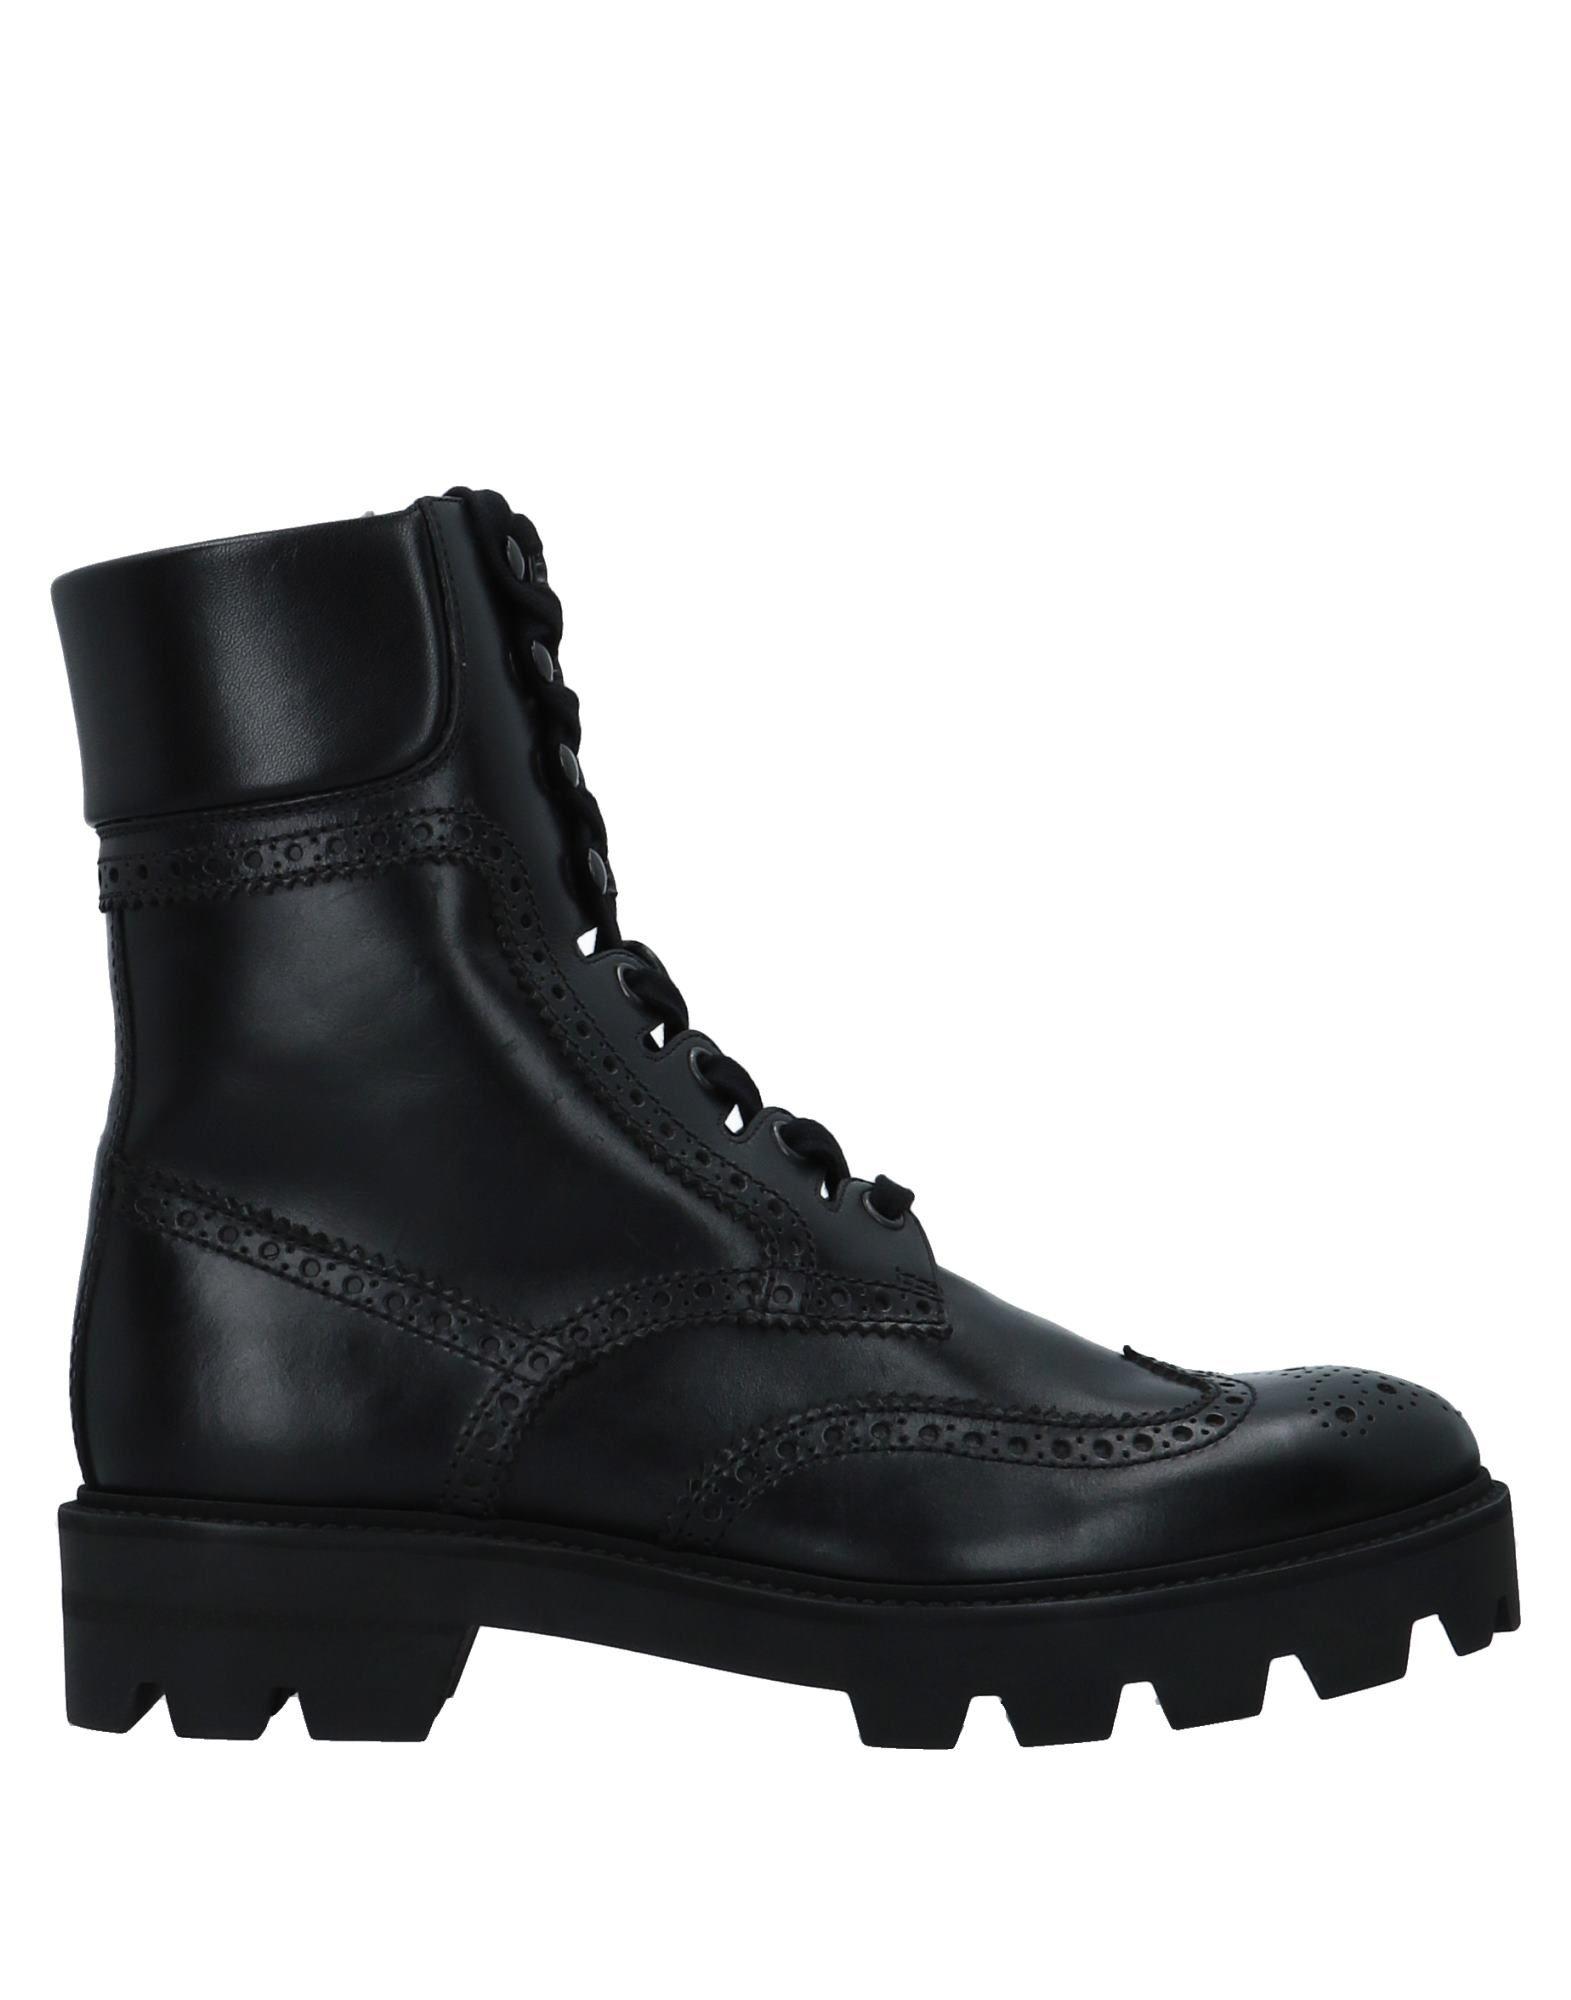 Mulberry Stiefelette Damen  11538986XAGünstige gut aussehende Schuhe